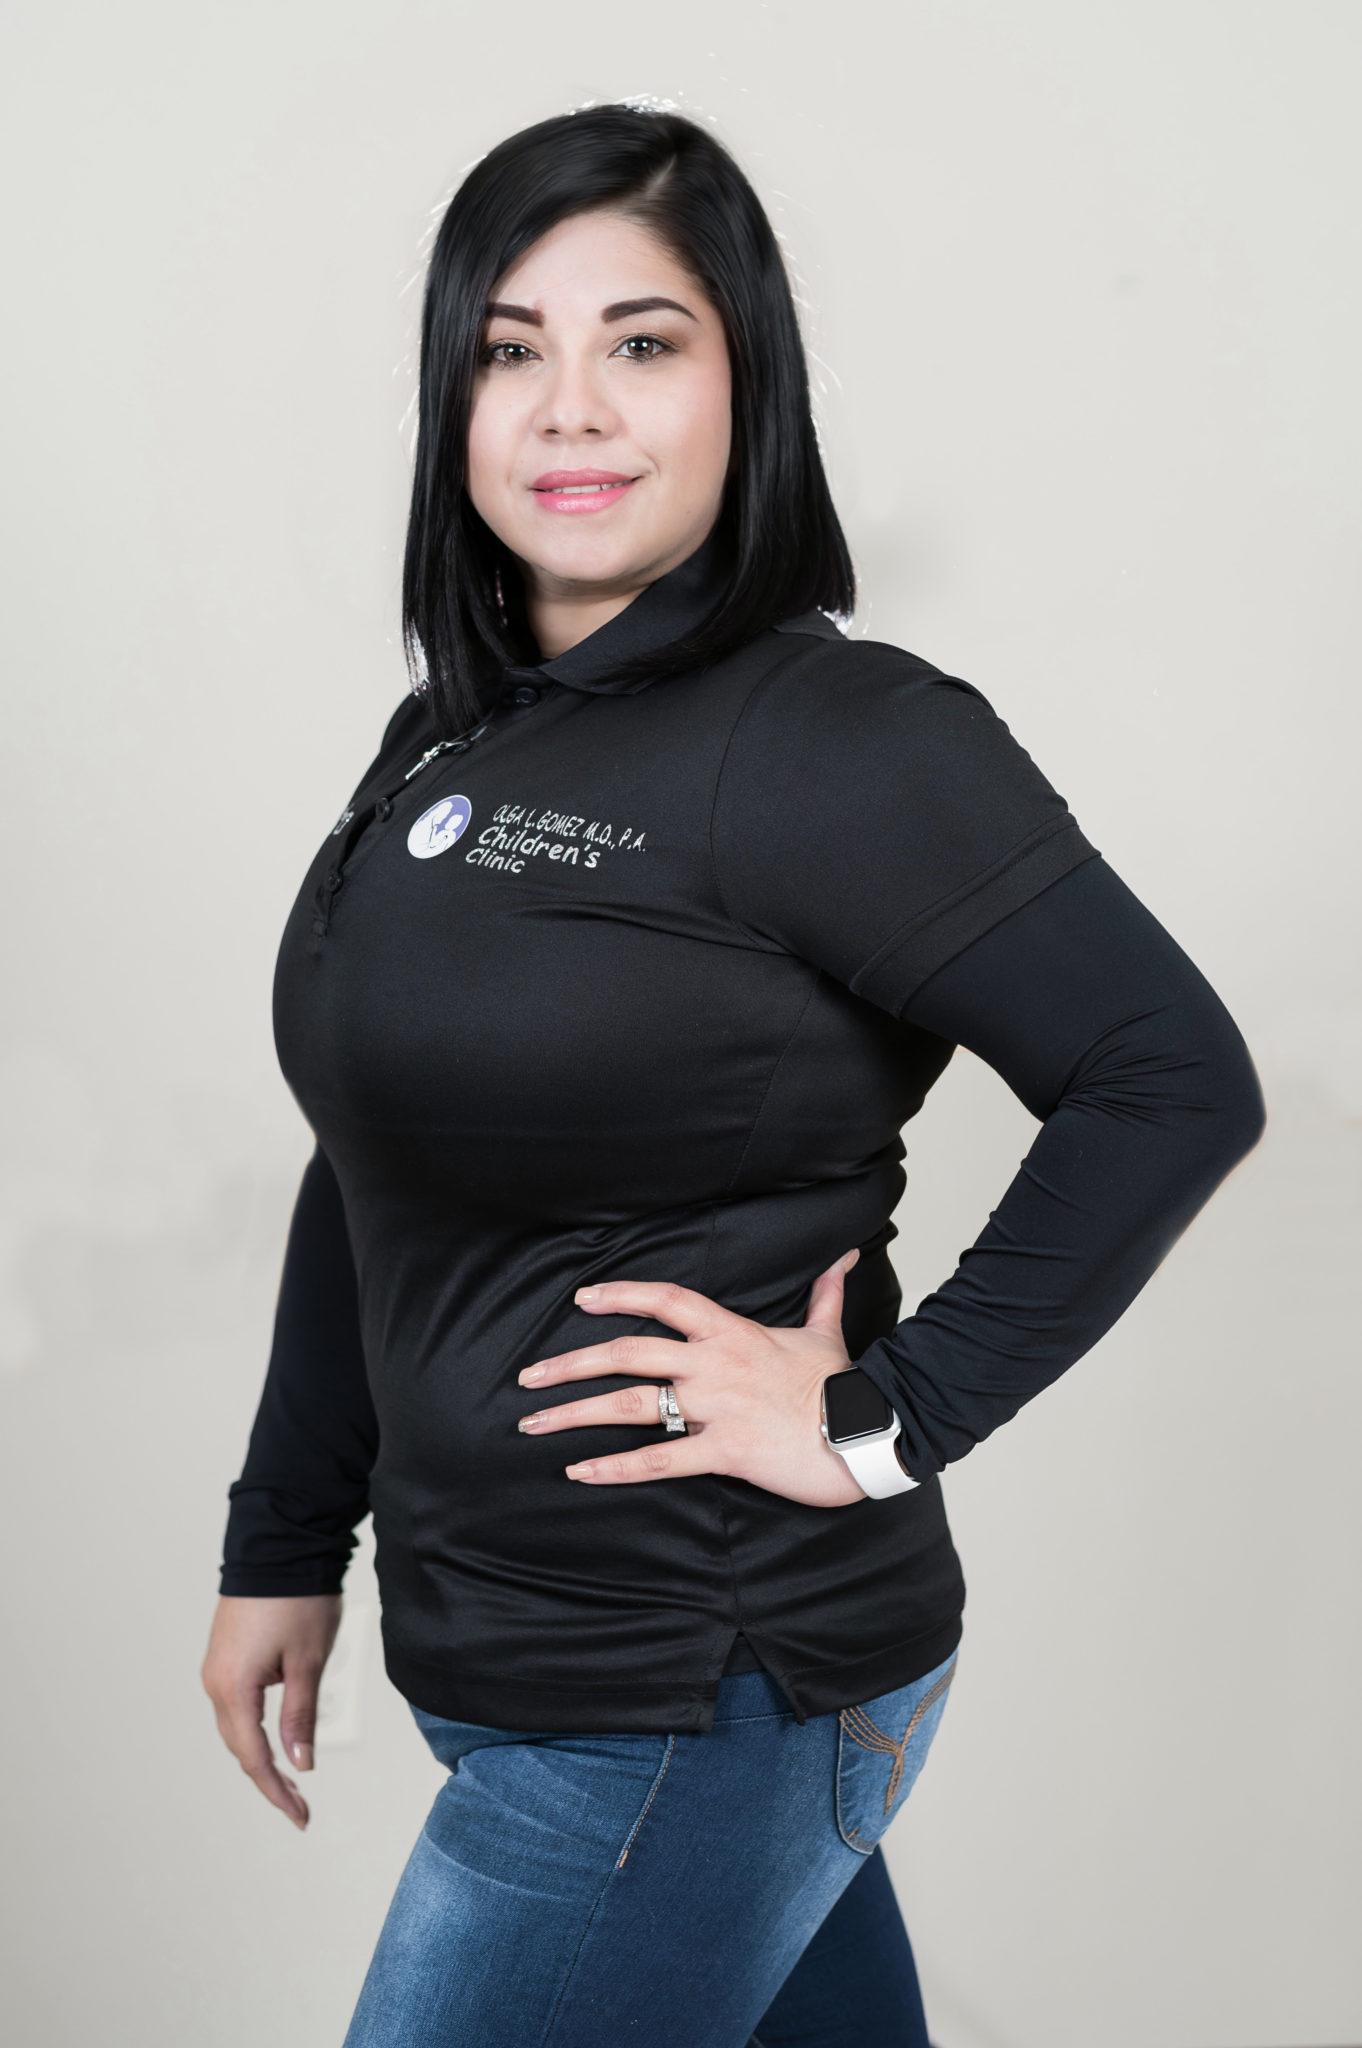 Alondra Urbina